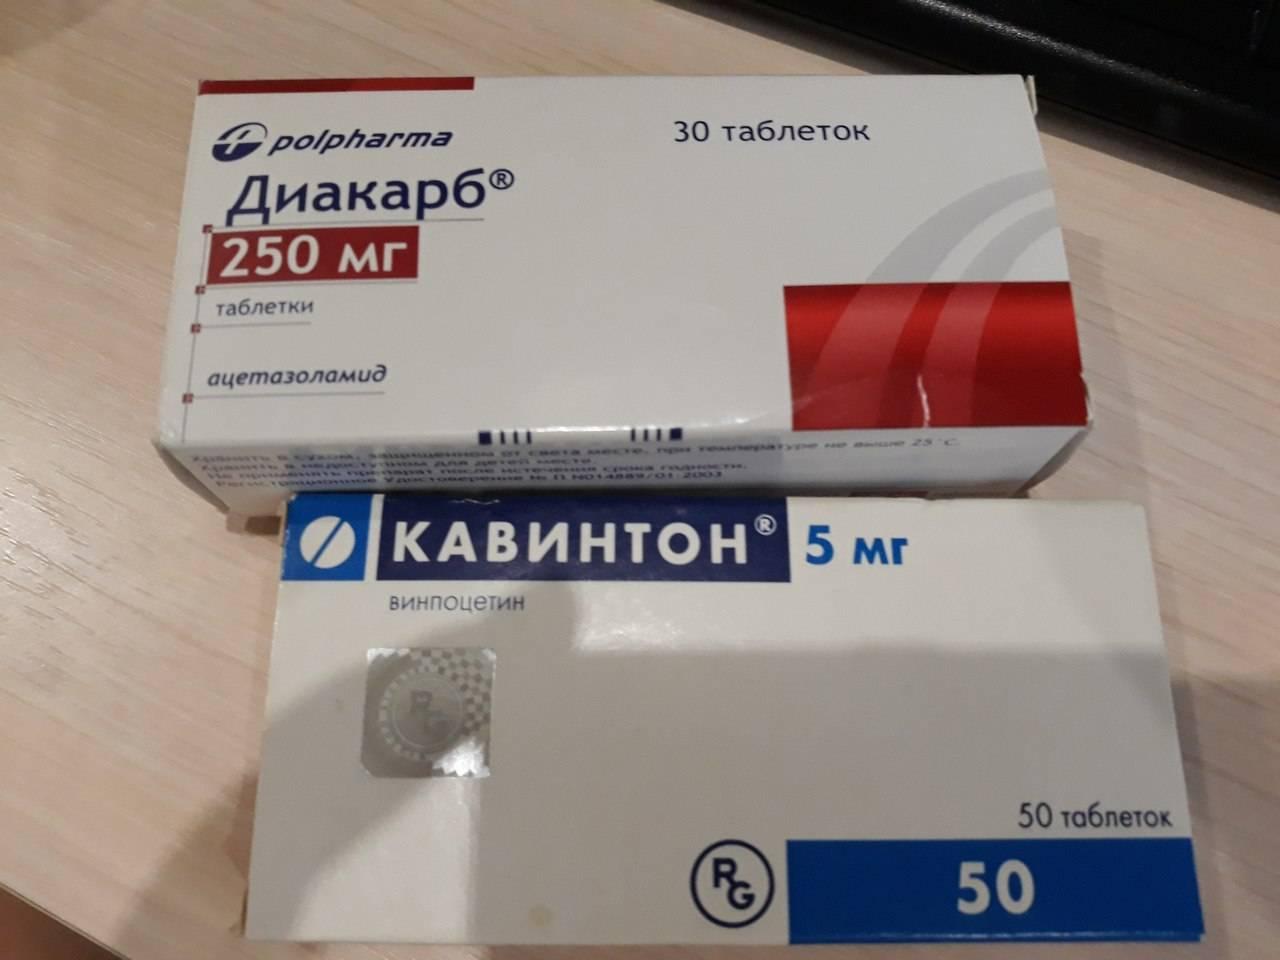 Таблетки диакарб: инструкция по применению, цена, отзывы. показания к применению и аналоги - medside.ru